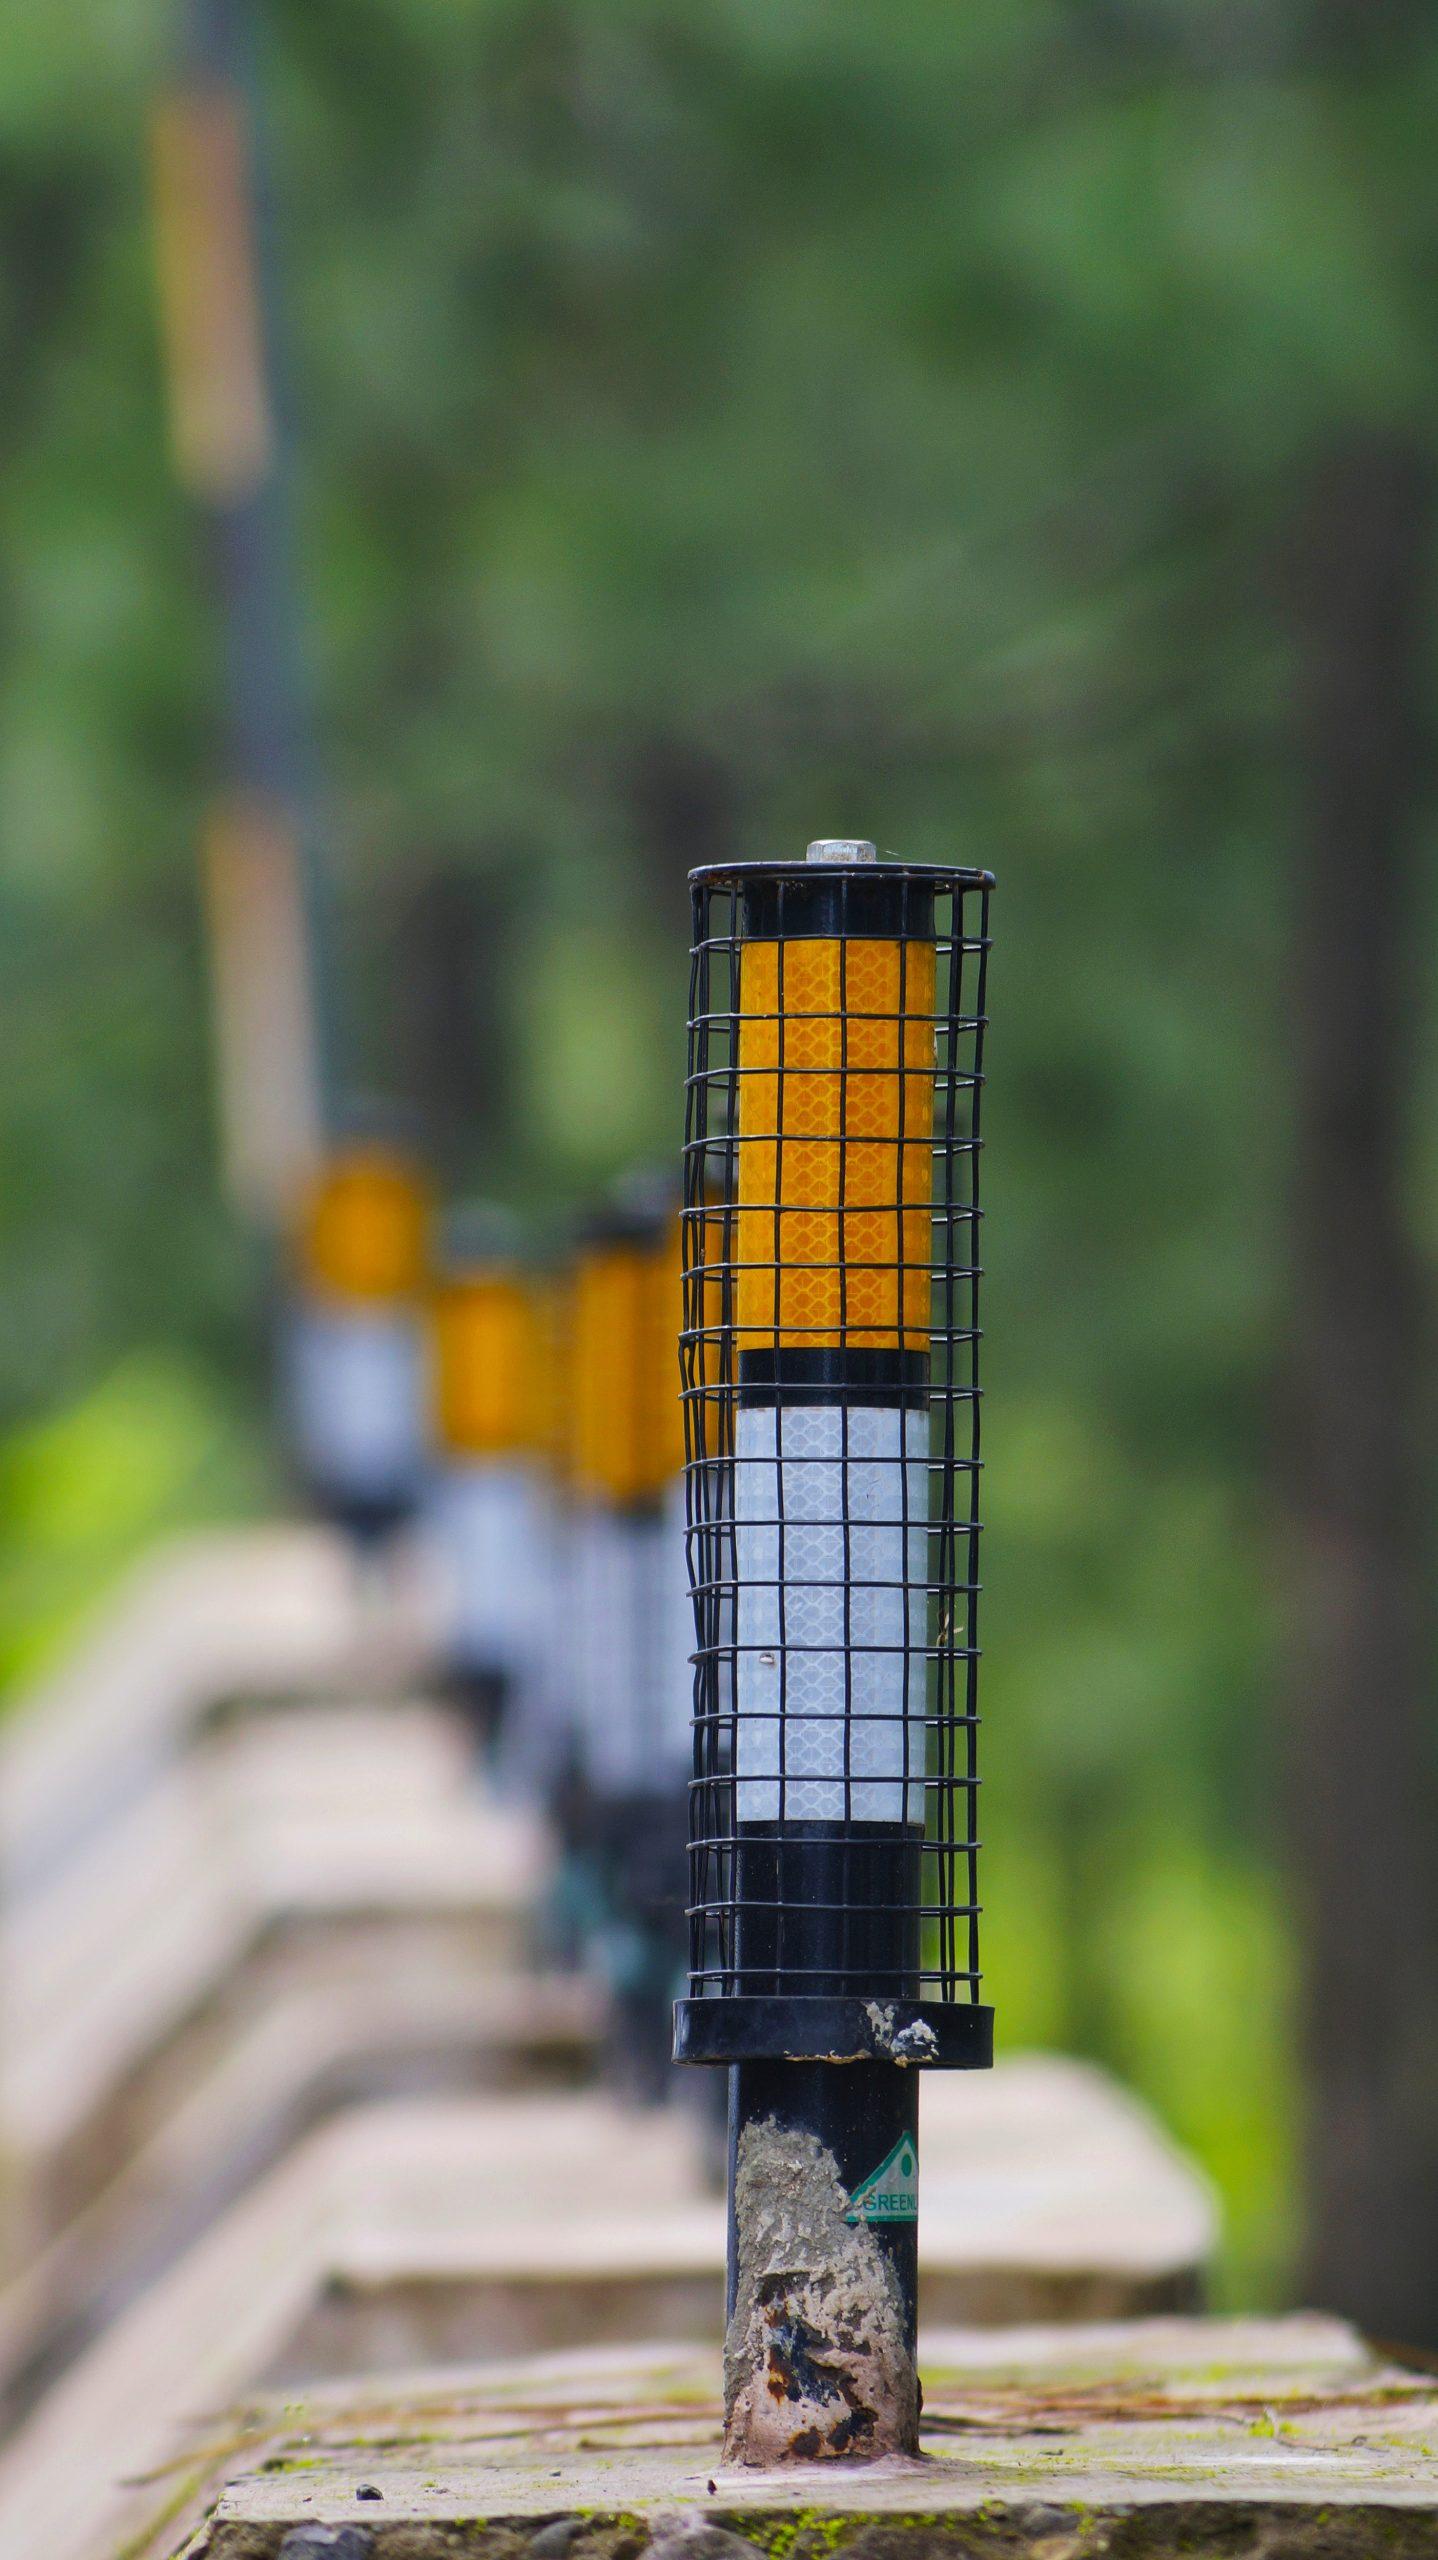 Roadside reflector portrait